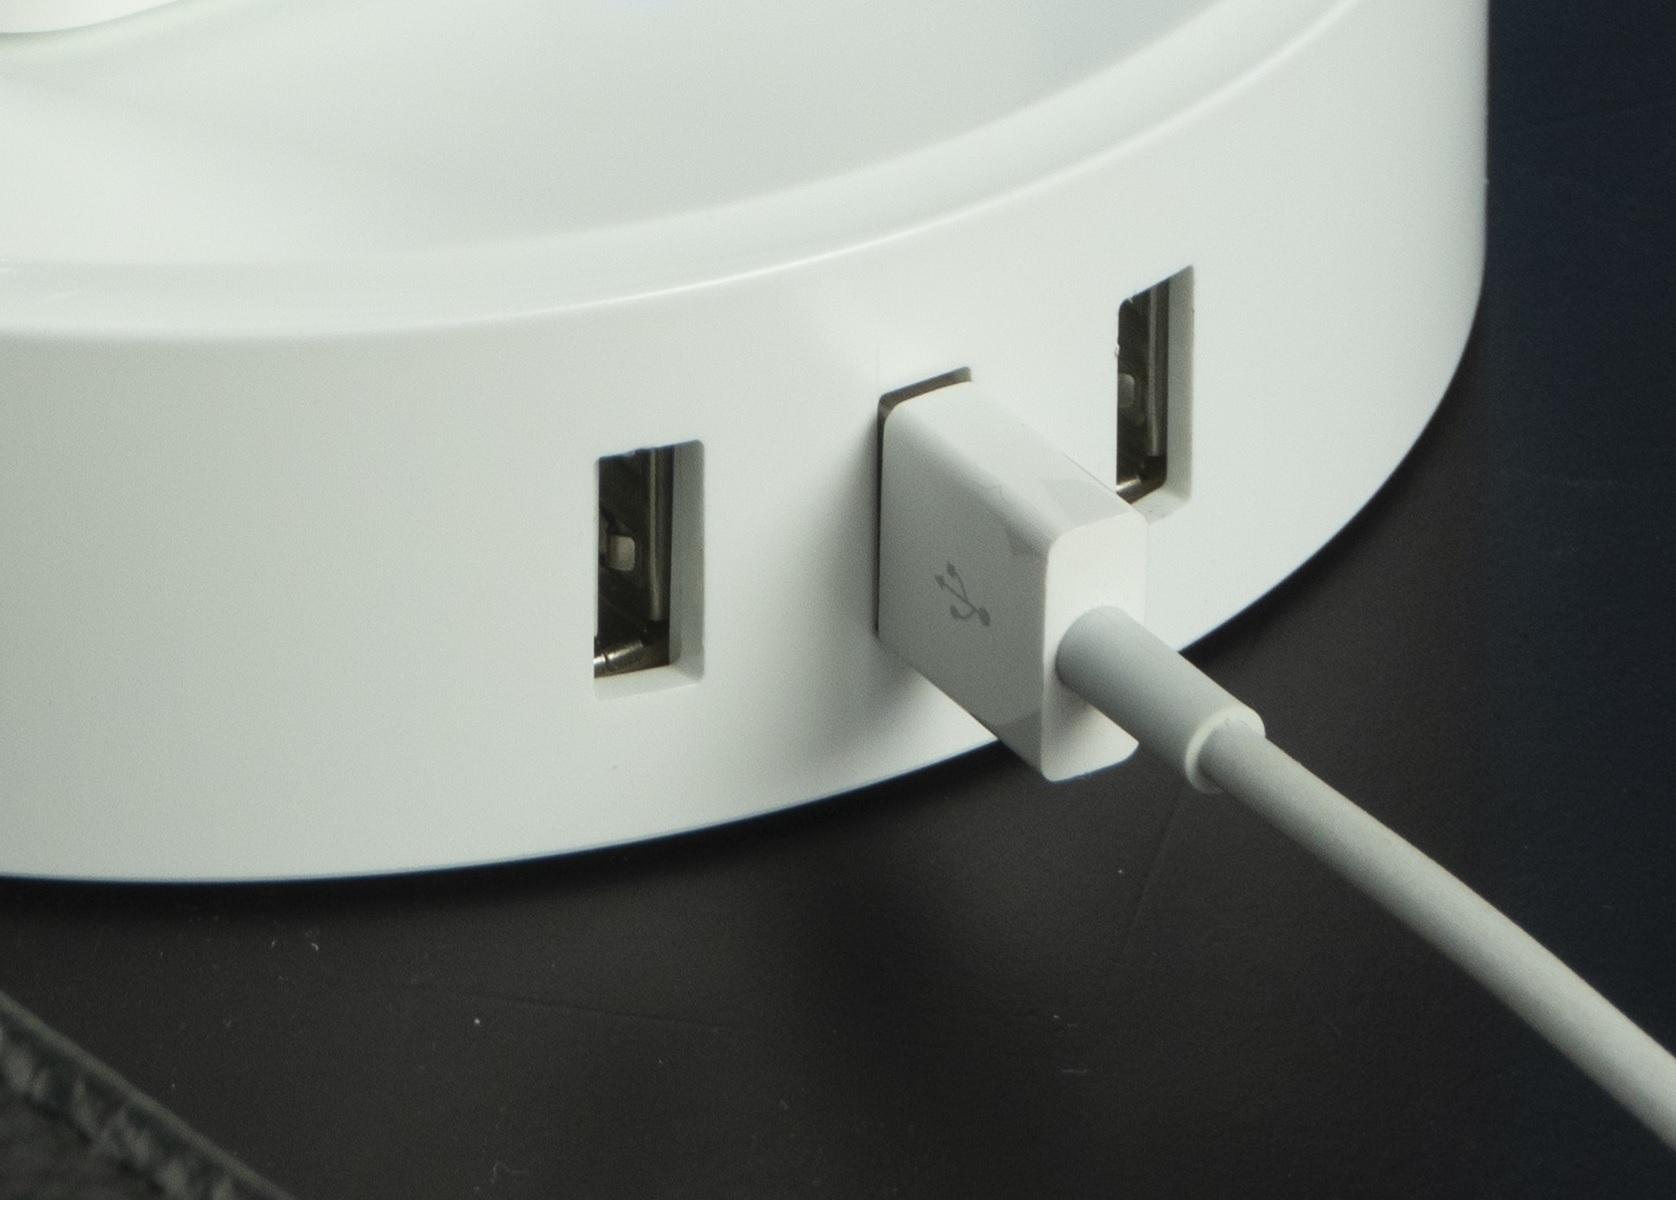 Tích hợp 3 cổng USB 5V/2.4A